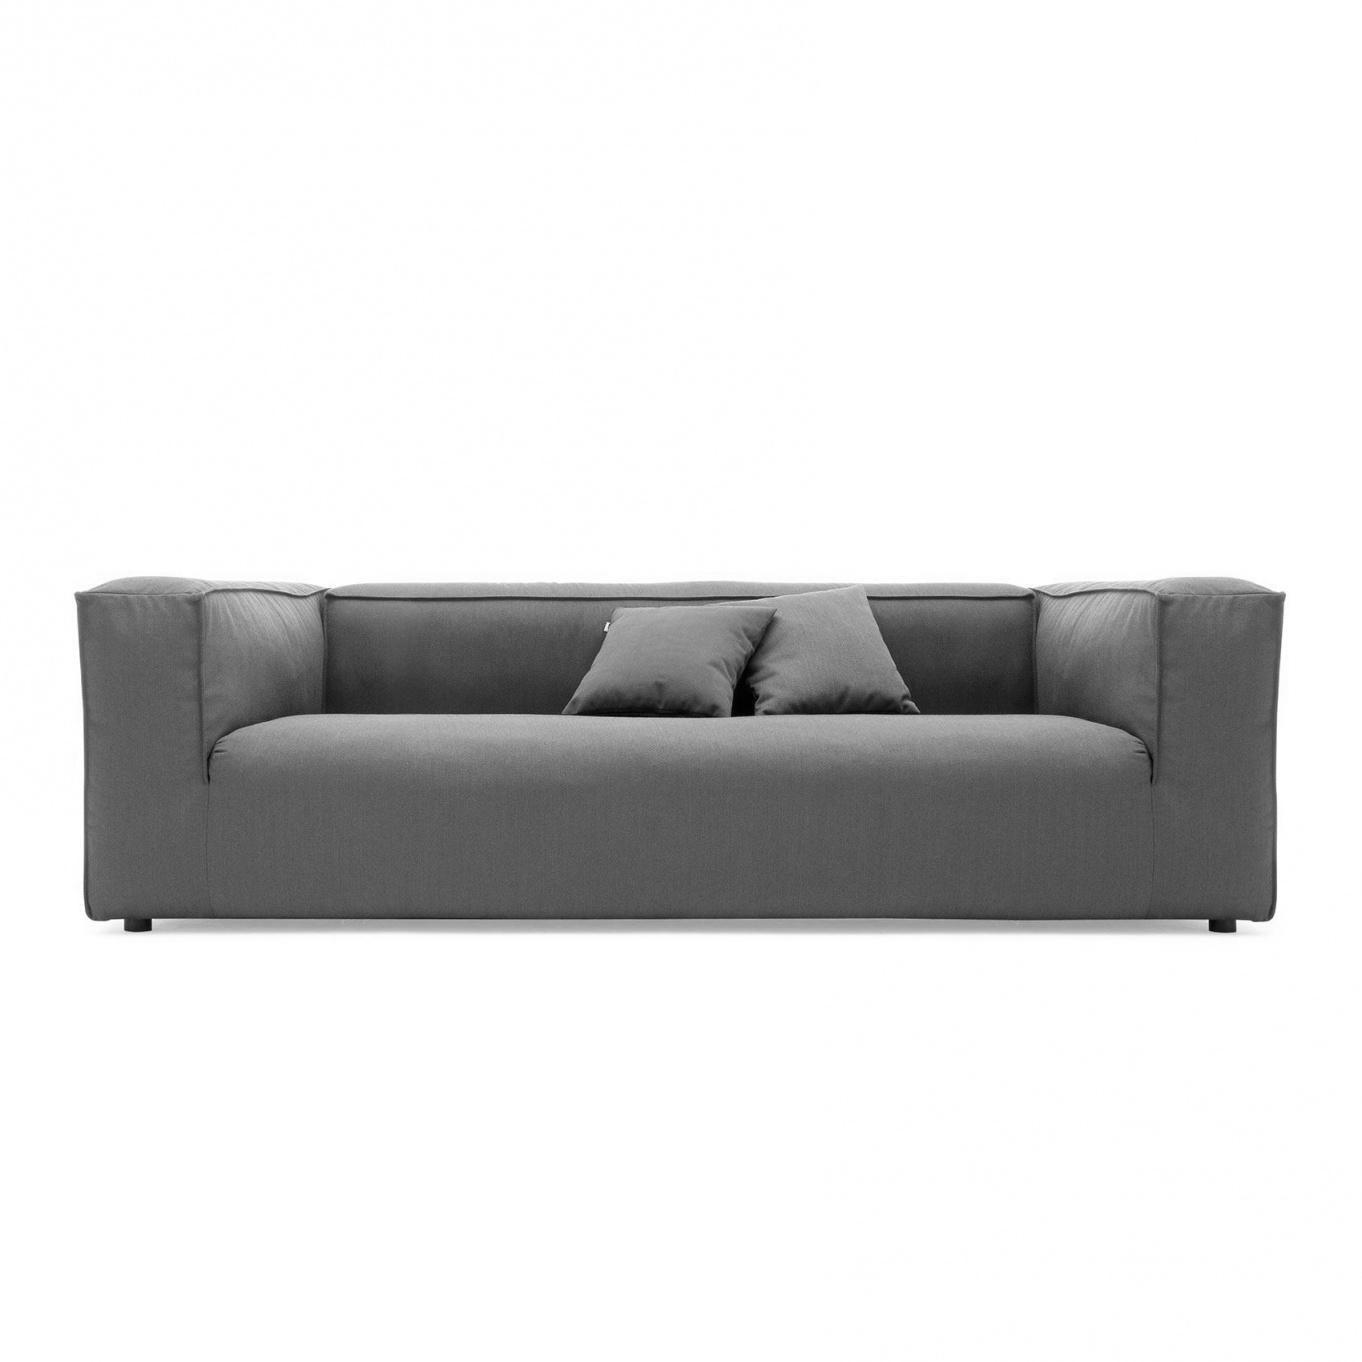 freistil rolf benz freistil 175 3 sitzer sofa ambientedirect. Black Bedroom Furniture Sets. Home Design Ideas